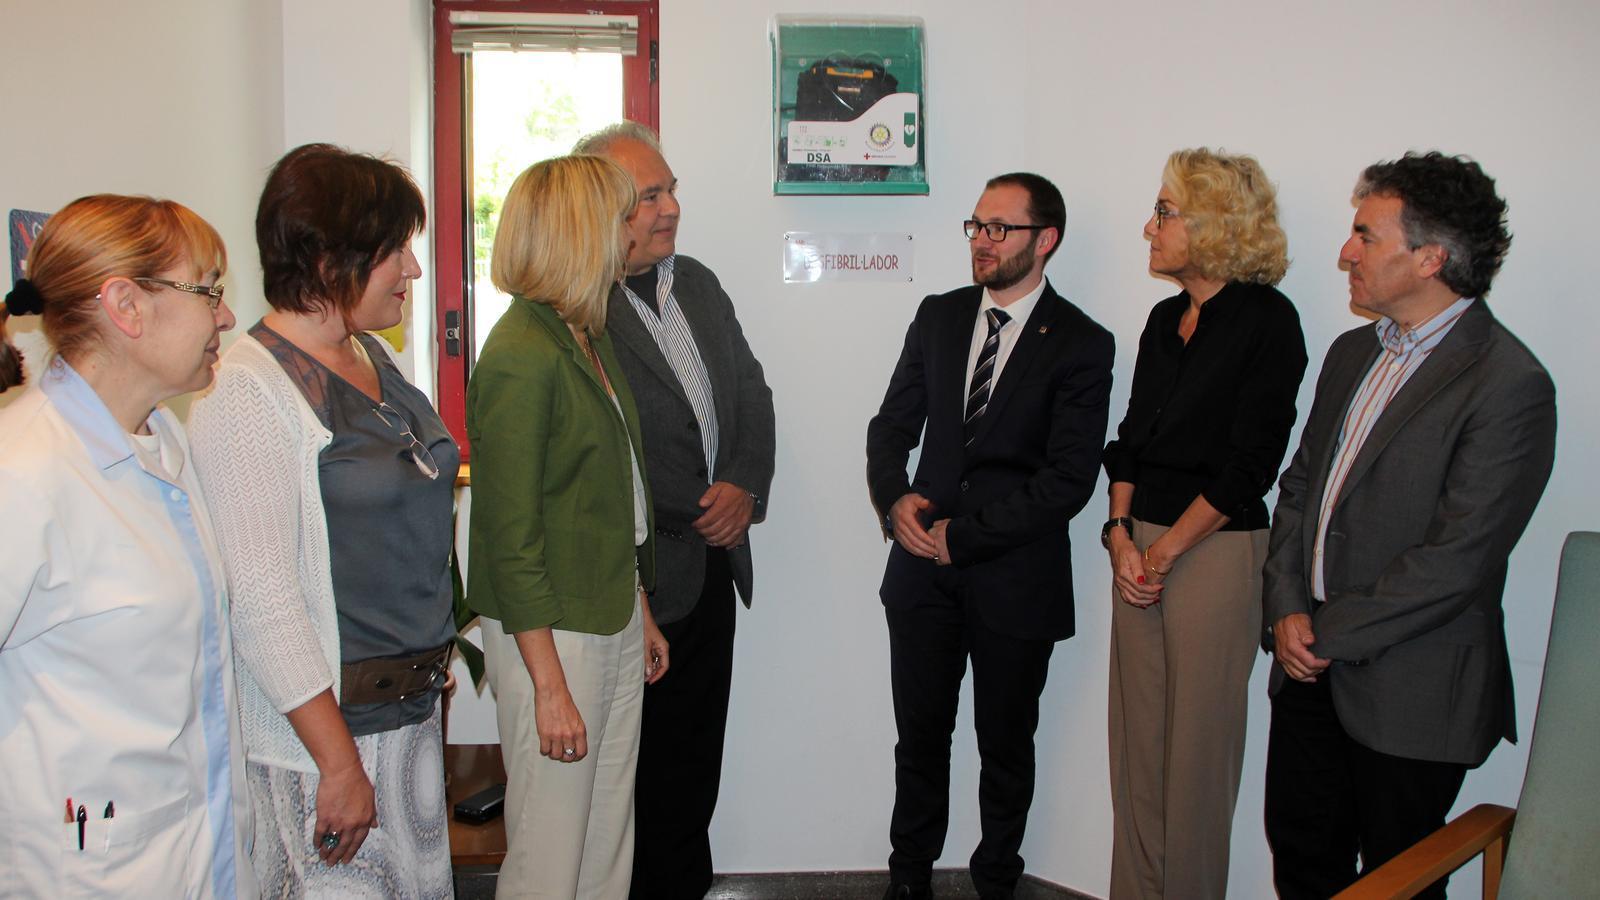 El president del Rotary Club Andorra, Yves Thiers, el president de la Creu Roja, Josep Duró, el gerent de la Creu Roja, Sergi Penedes, la presidenta de la Junta Rectora de l'EENSM, Pilar Díez, i la directora general de l'EENSM, Celine Mandicó, durant l'acte d'entrega del desfibril·lador / C.G.